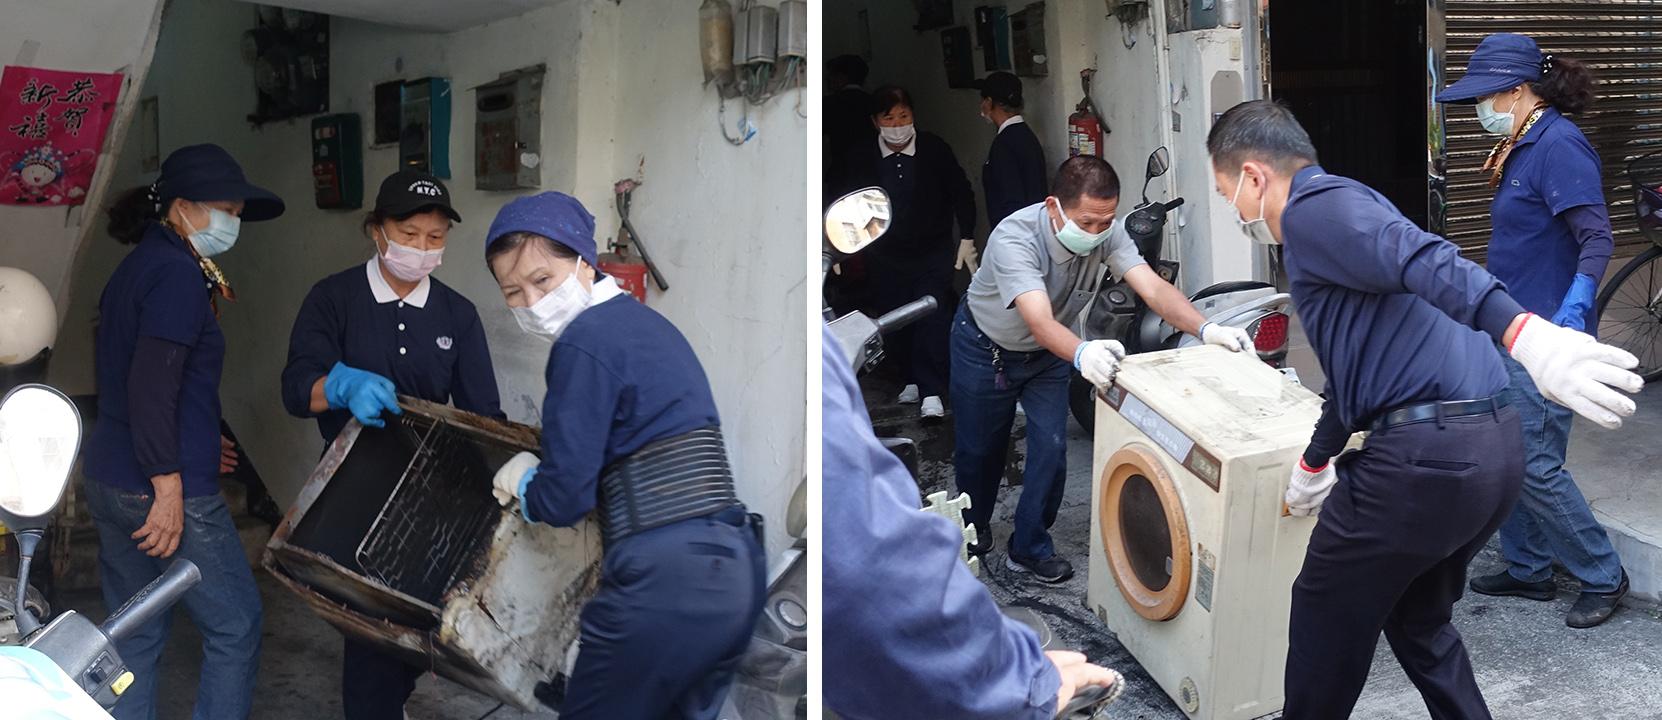 青壯志工將壞掉的家電搬下樓,本日也有10多位實業家來協助。志工接力將壞掉的家電搬下樓。